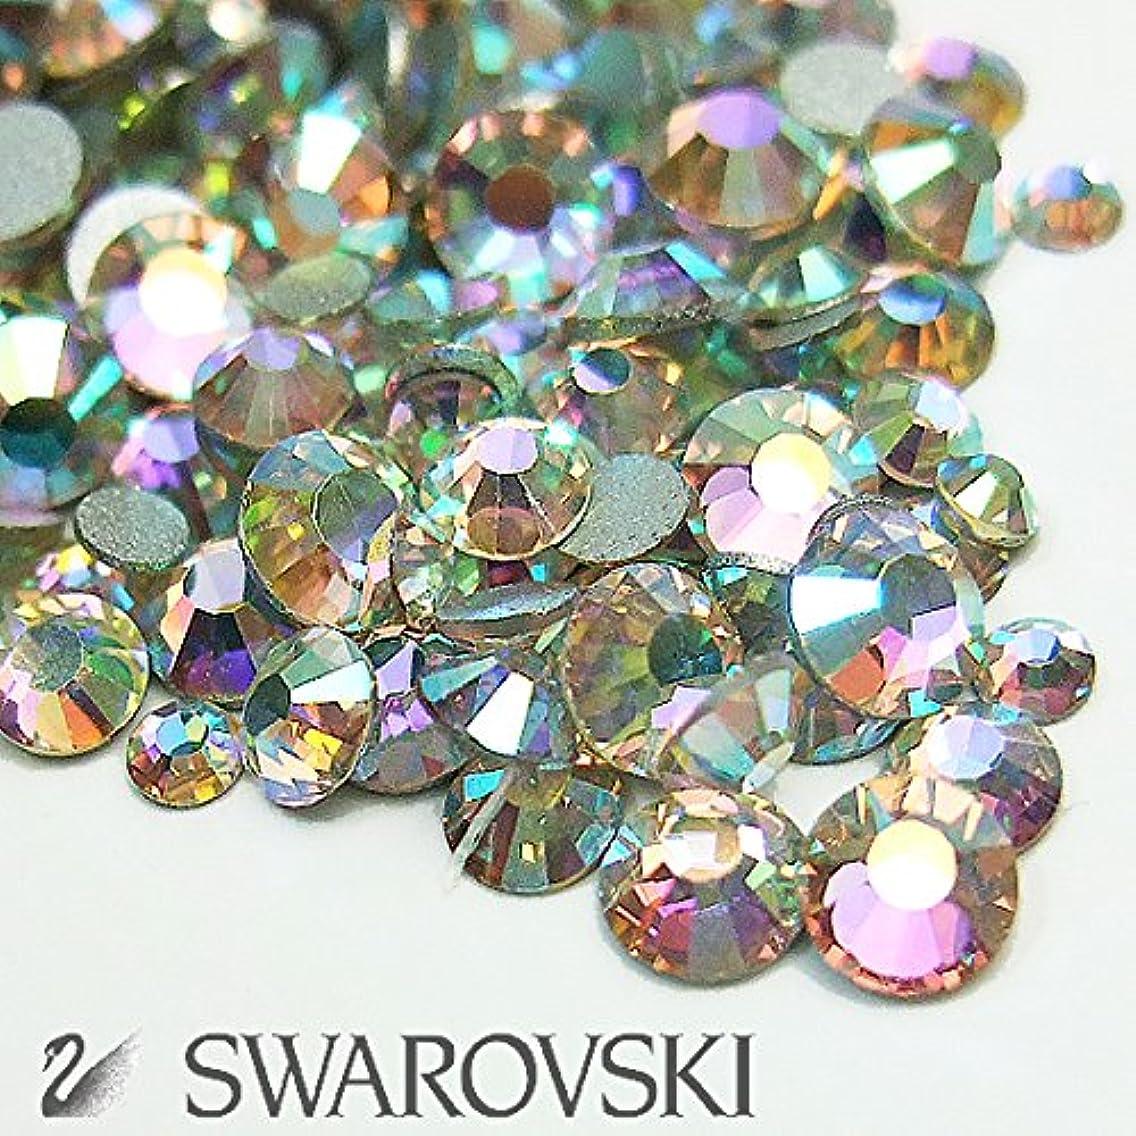 コマースポータルボリュームスワロフスキー(Swarovski) クリスタライズ ラインストーン ネイルサイズMIX (80粒) クリスタルAB